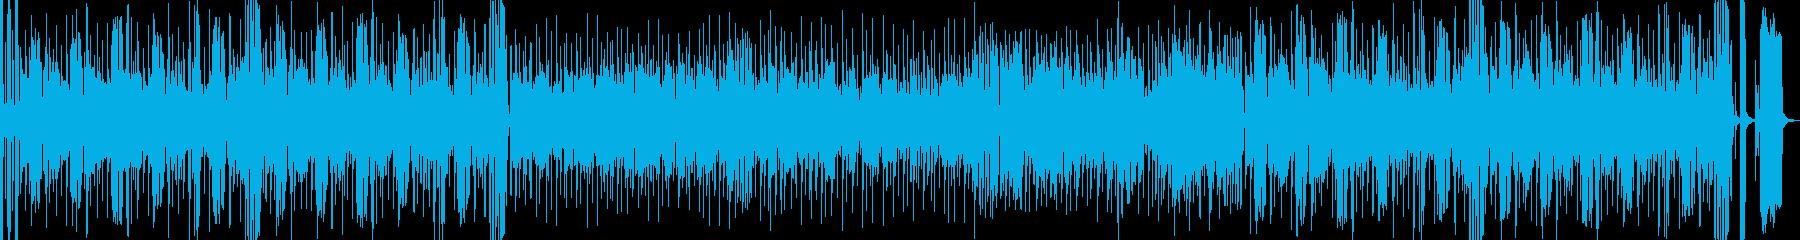 ファンキーで賑やかなバンド曲。ブラス入りの再生済みの波形